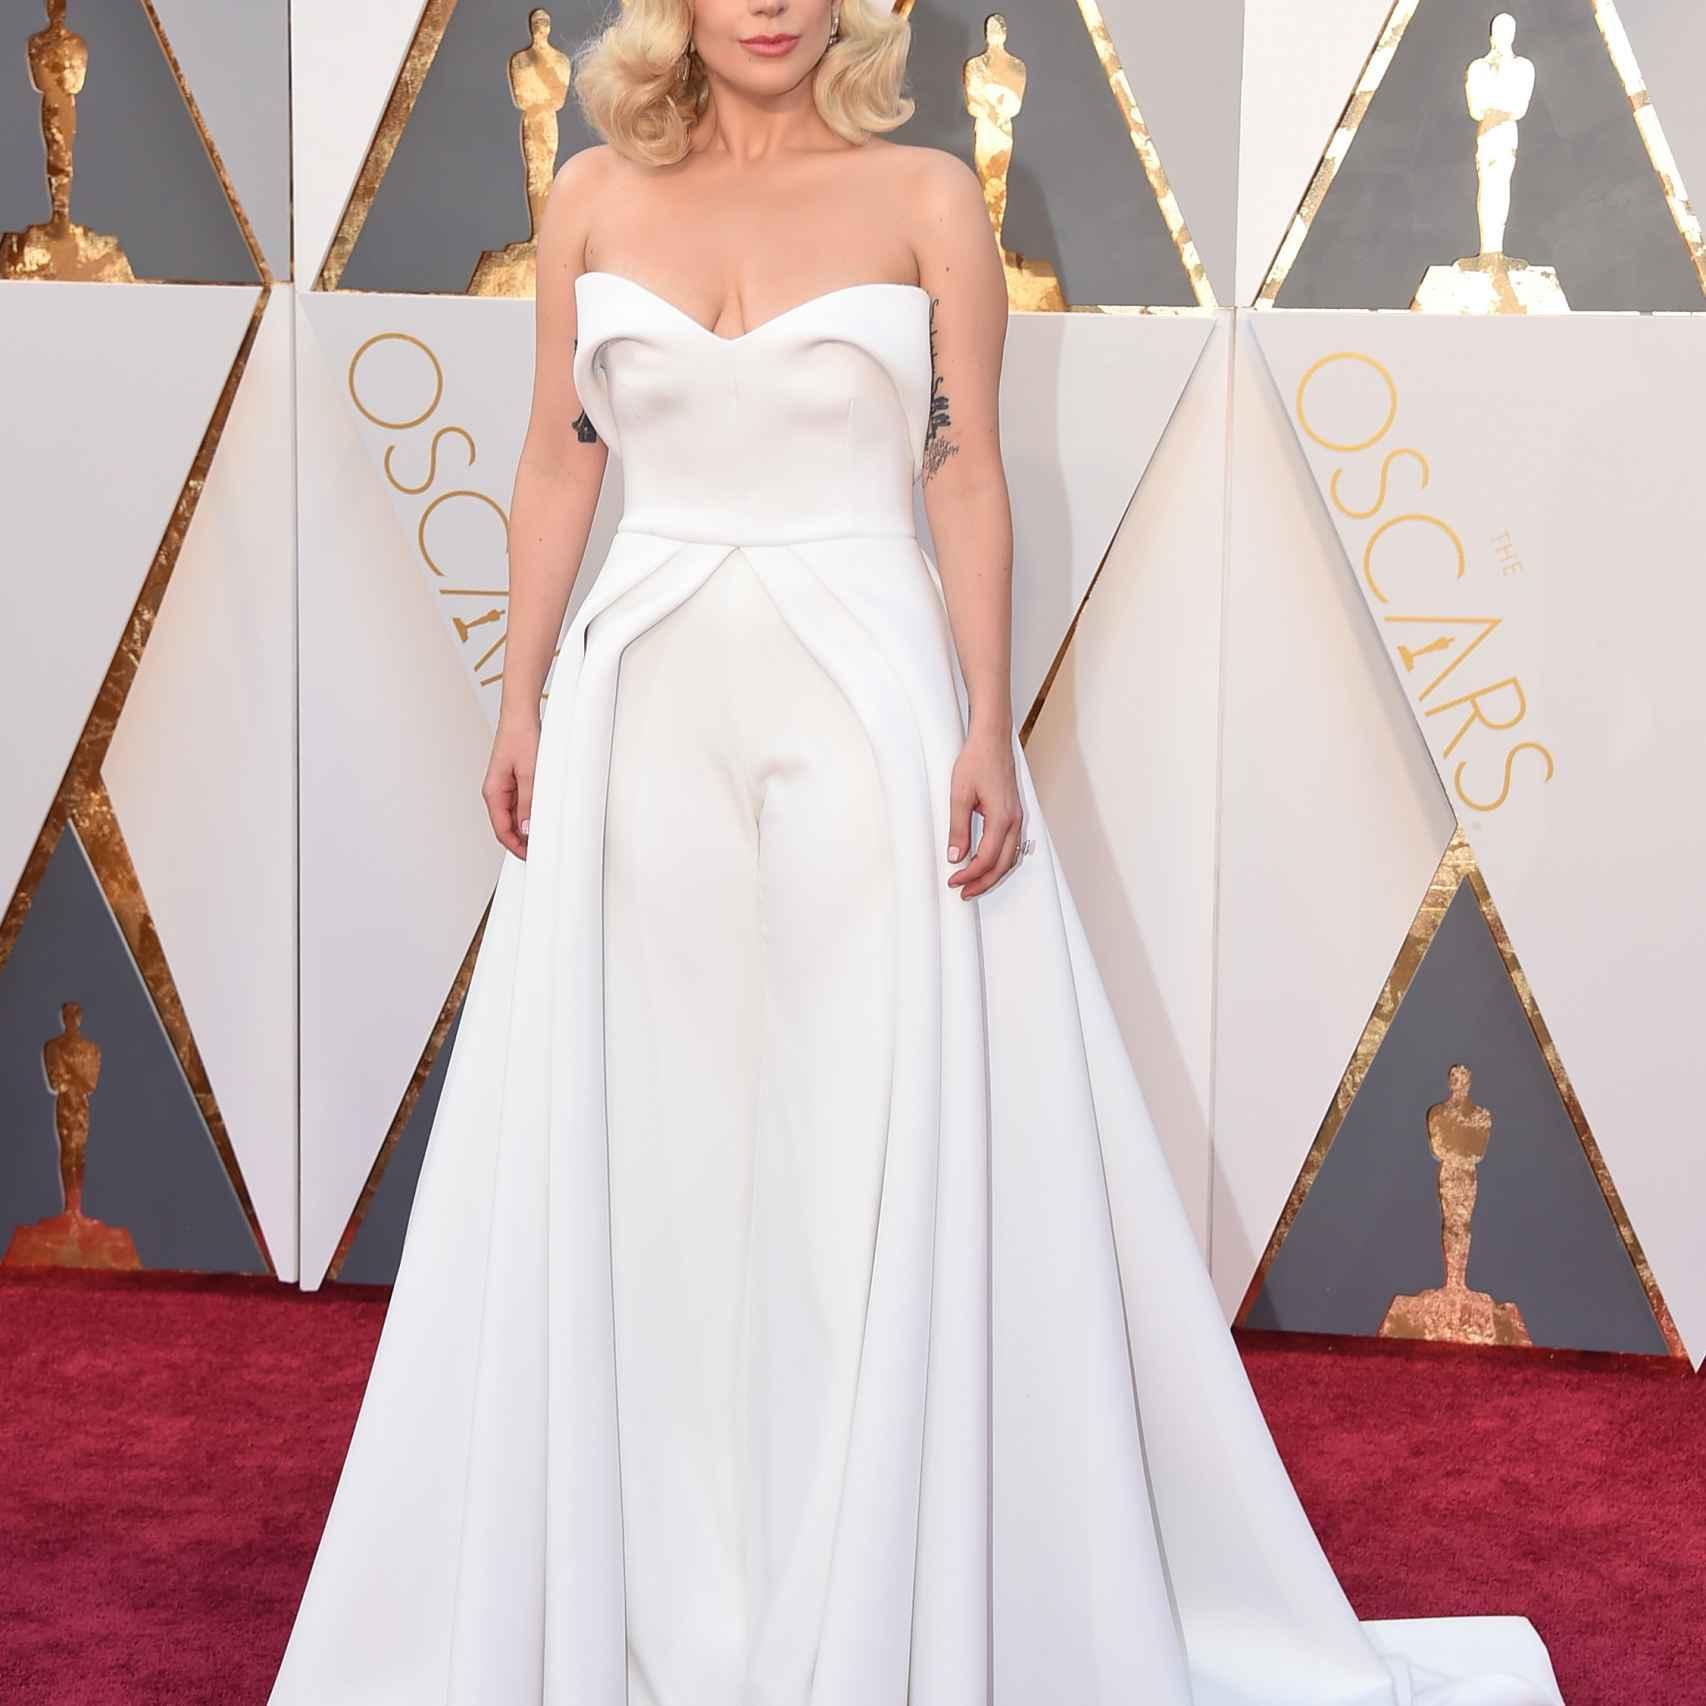 Lady Gaga nominada al Oscar a la mejor canción original ha elegido un vestido blanco de